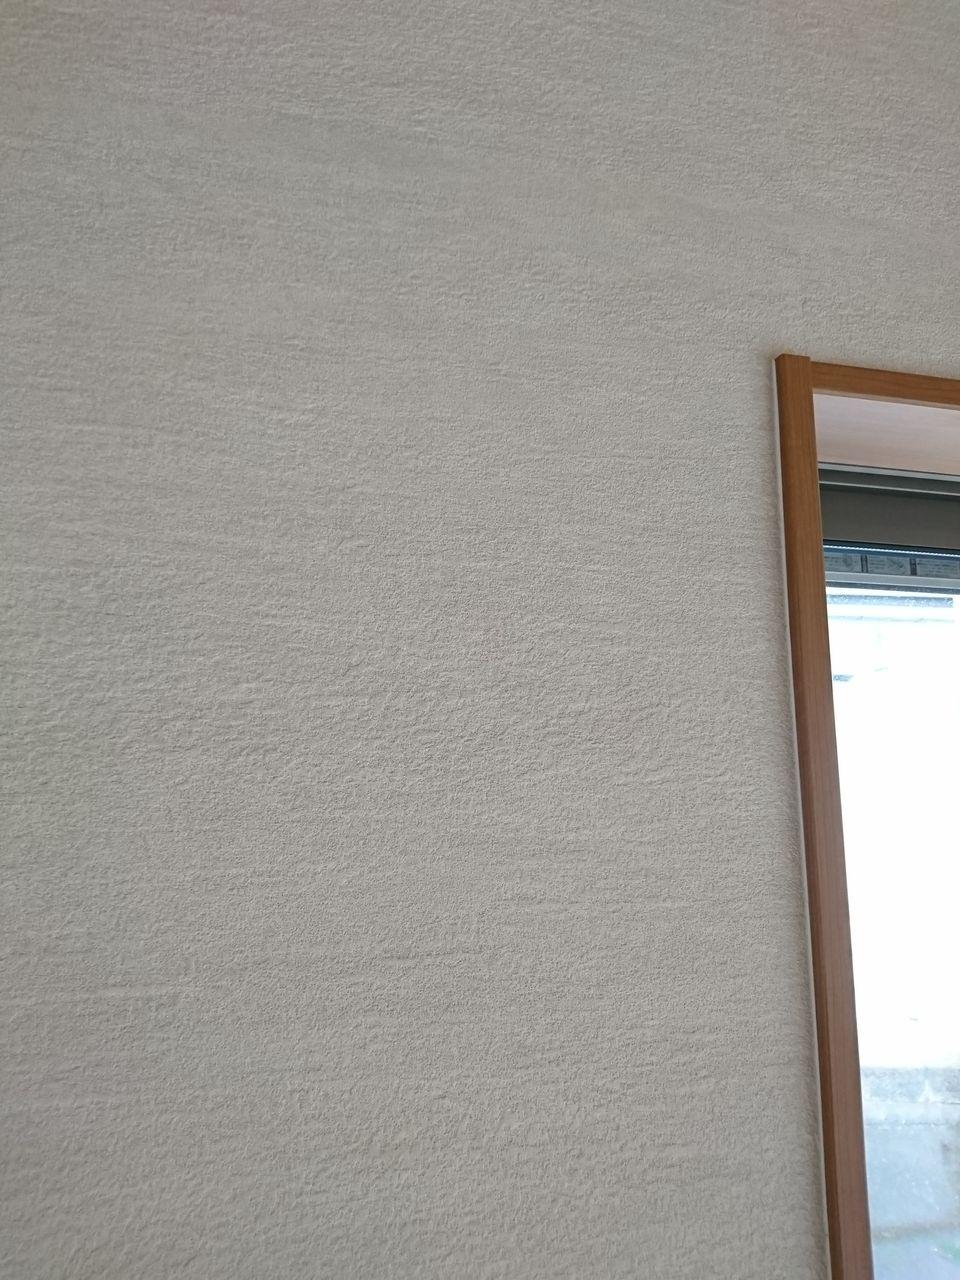 塗り壁調のクロスでおすすめは 結局は本物にはかなわない クロス カーテン インテリア職人 ブログ フライパンのたまねぎ畑